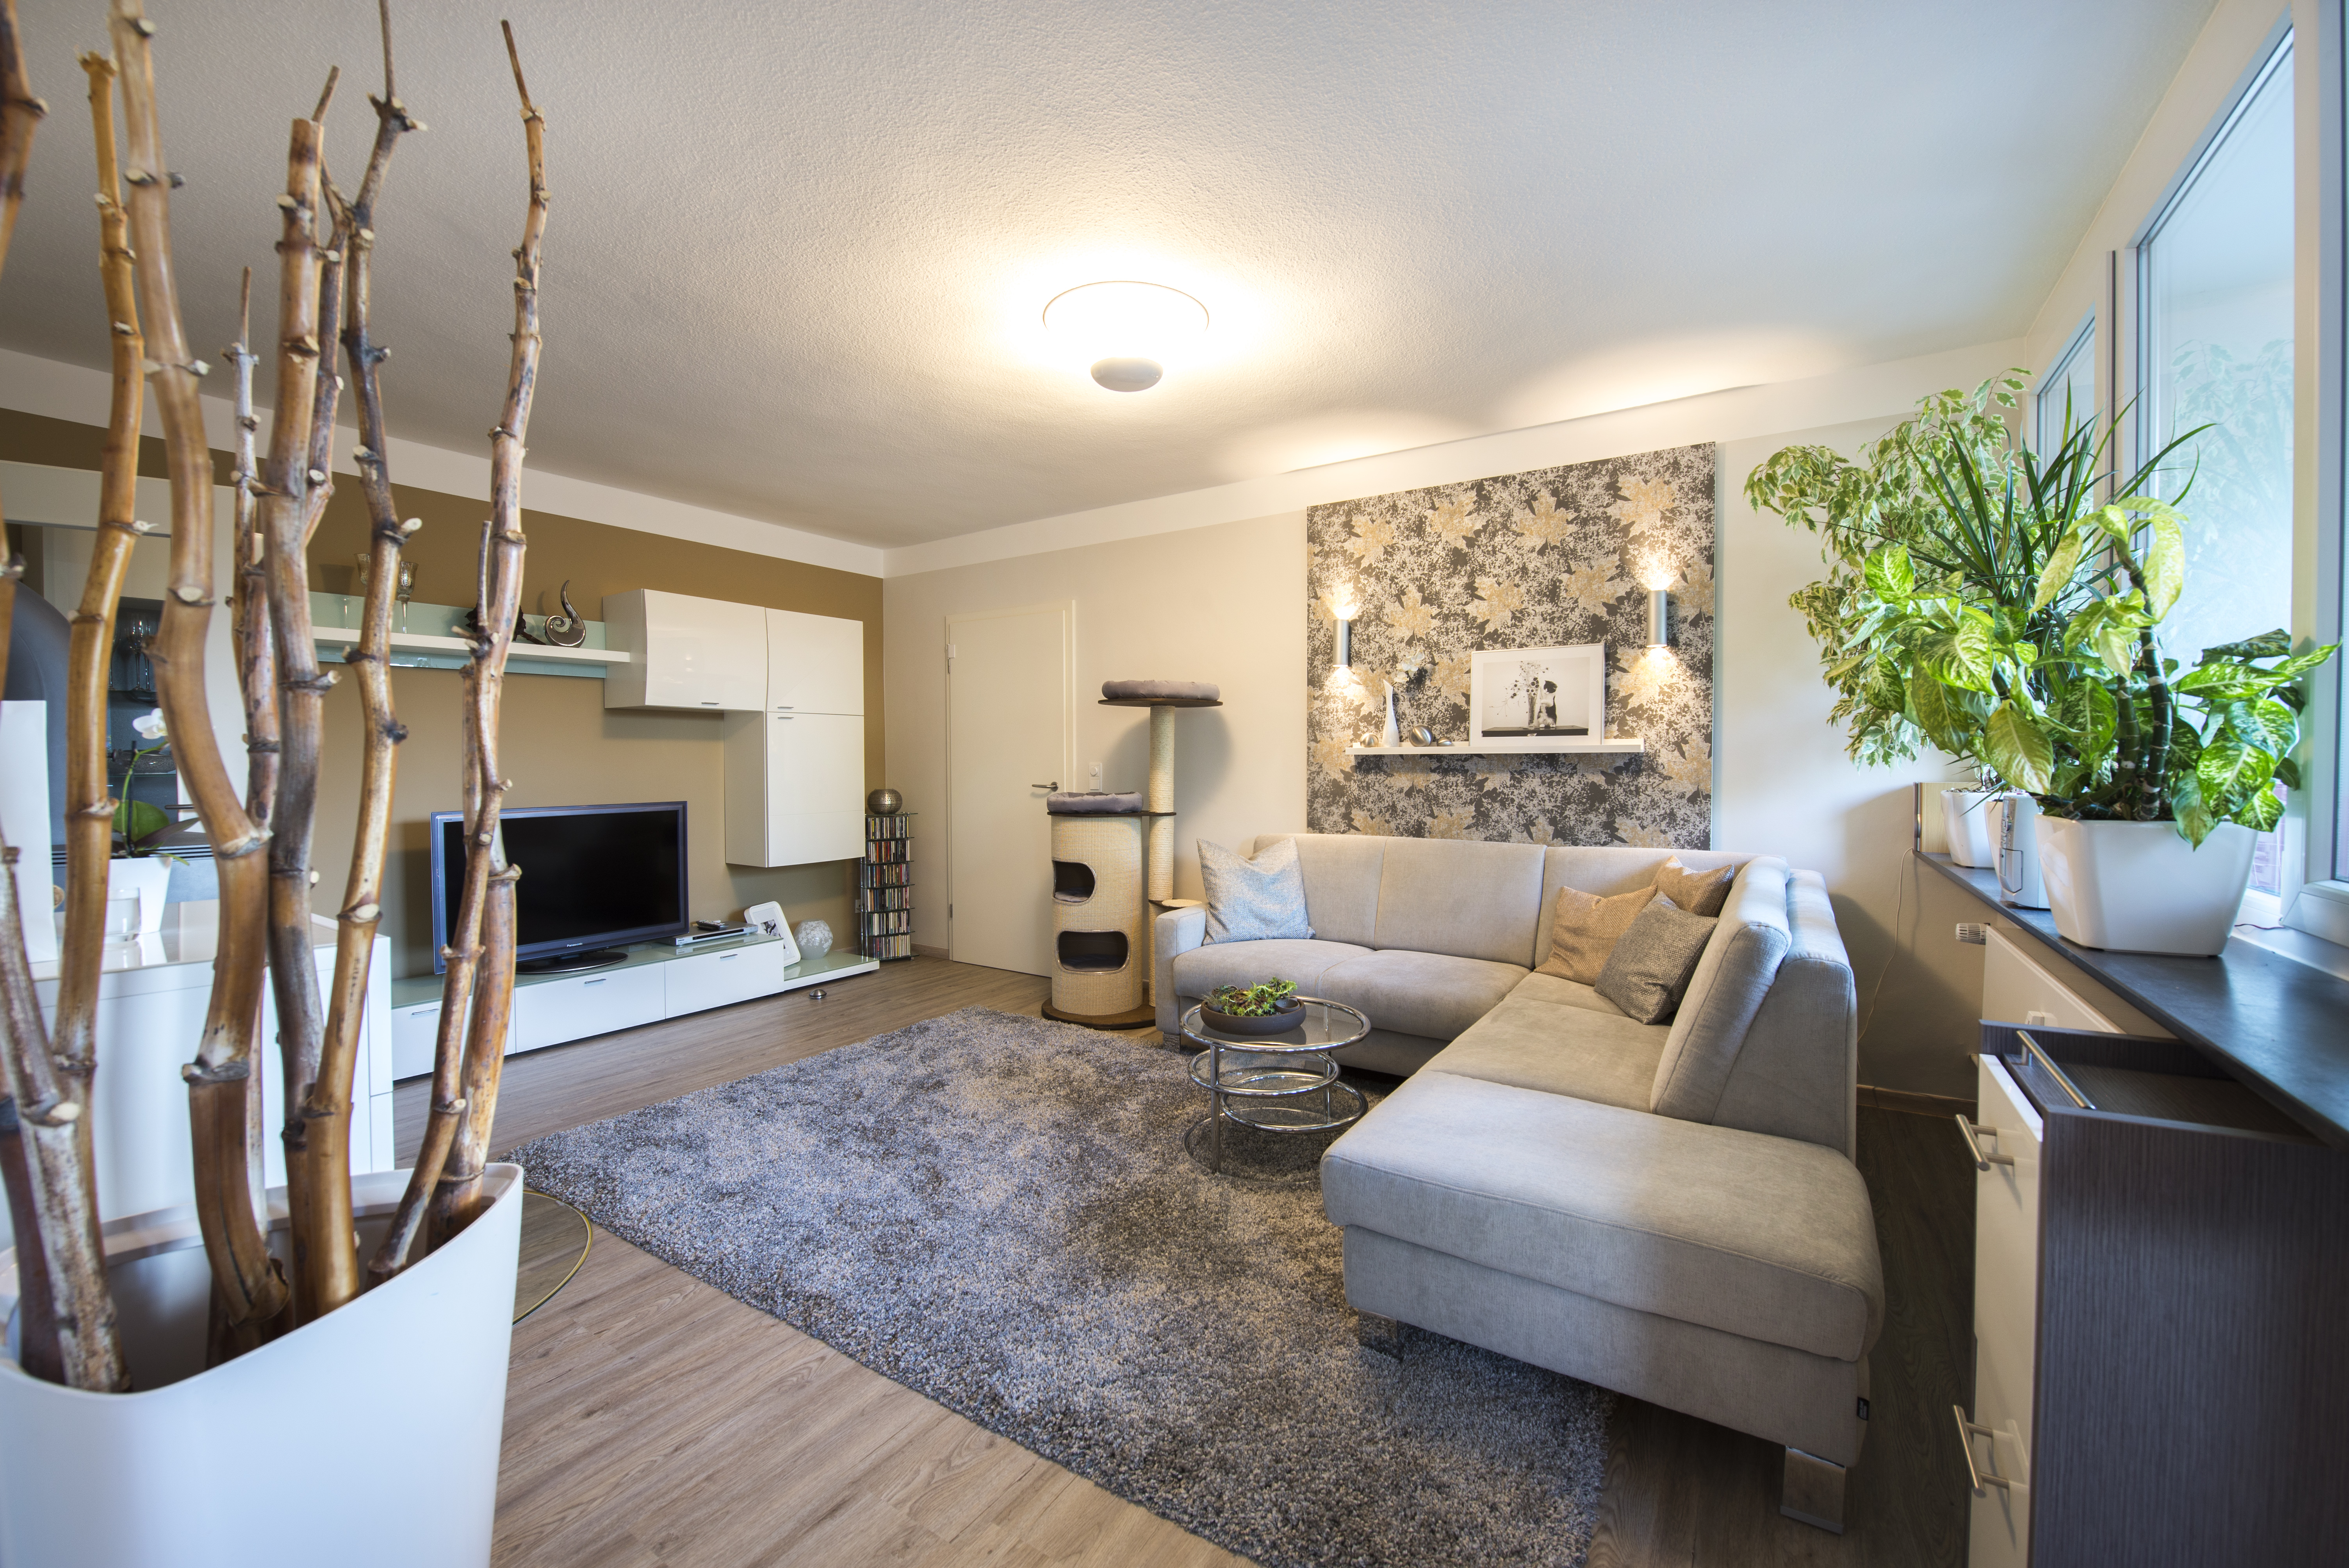 Wohnzimmer In Naturtonen Einrichtungsplanung Und Raumgestaltung